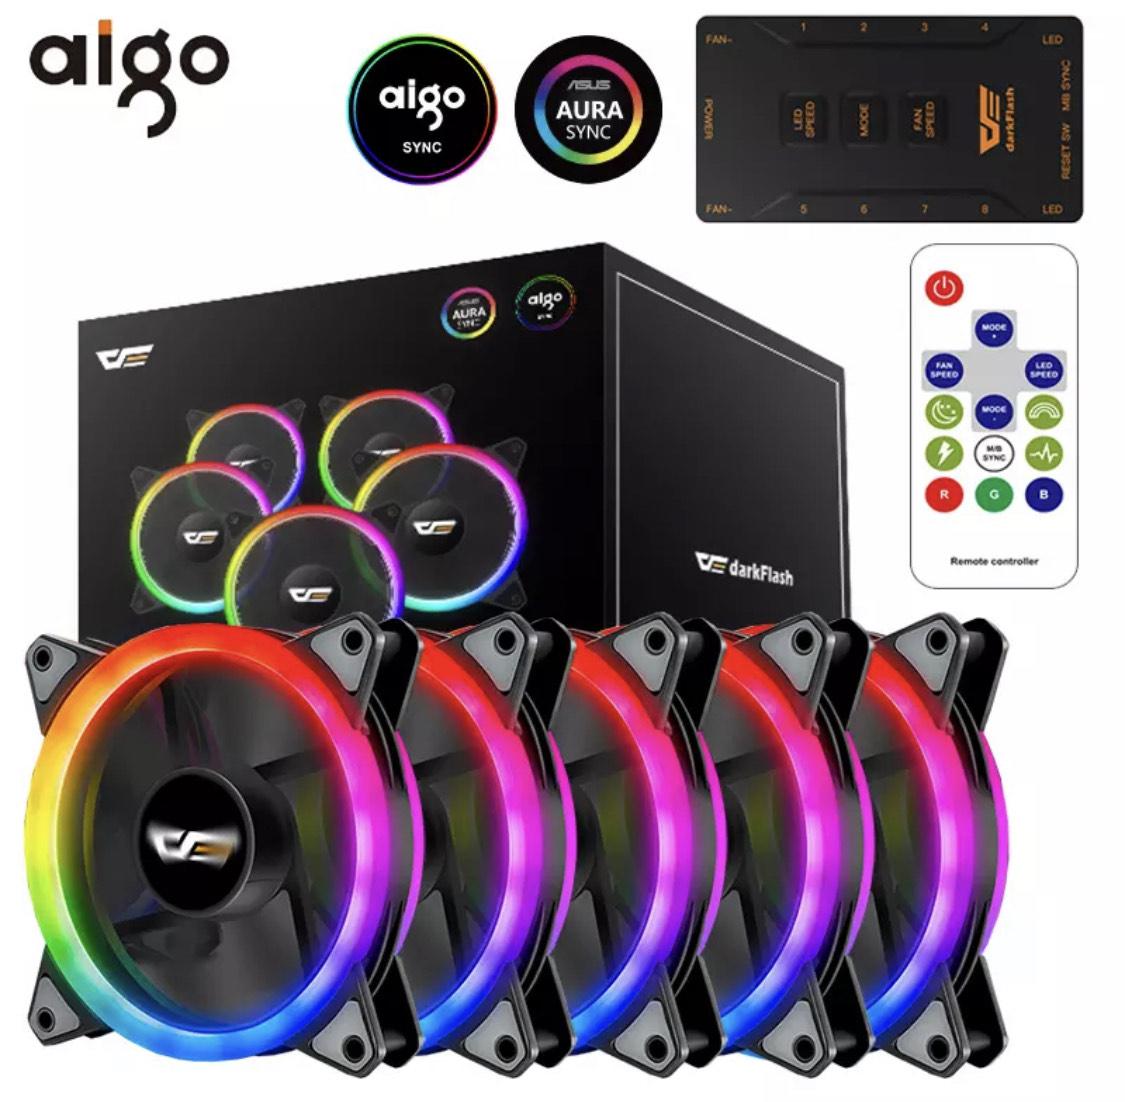 6 Ventilateurs RGB Aigo DR12 Pro + Contrôleur